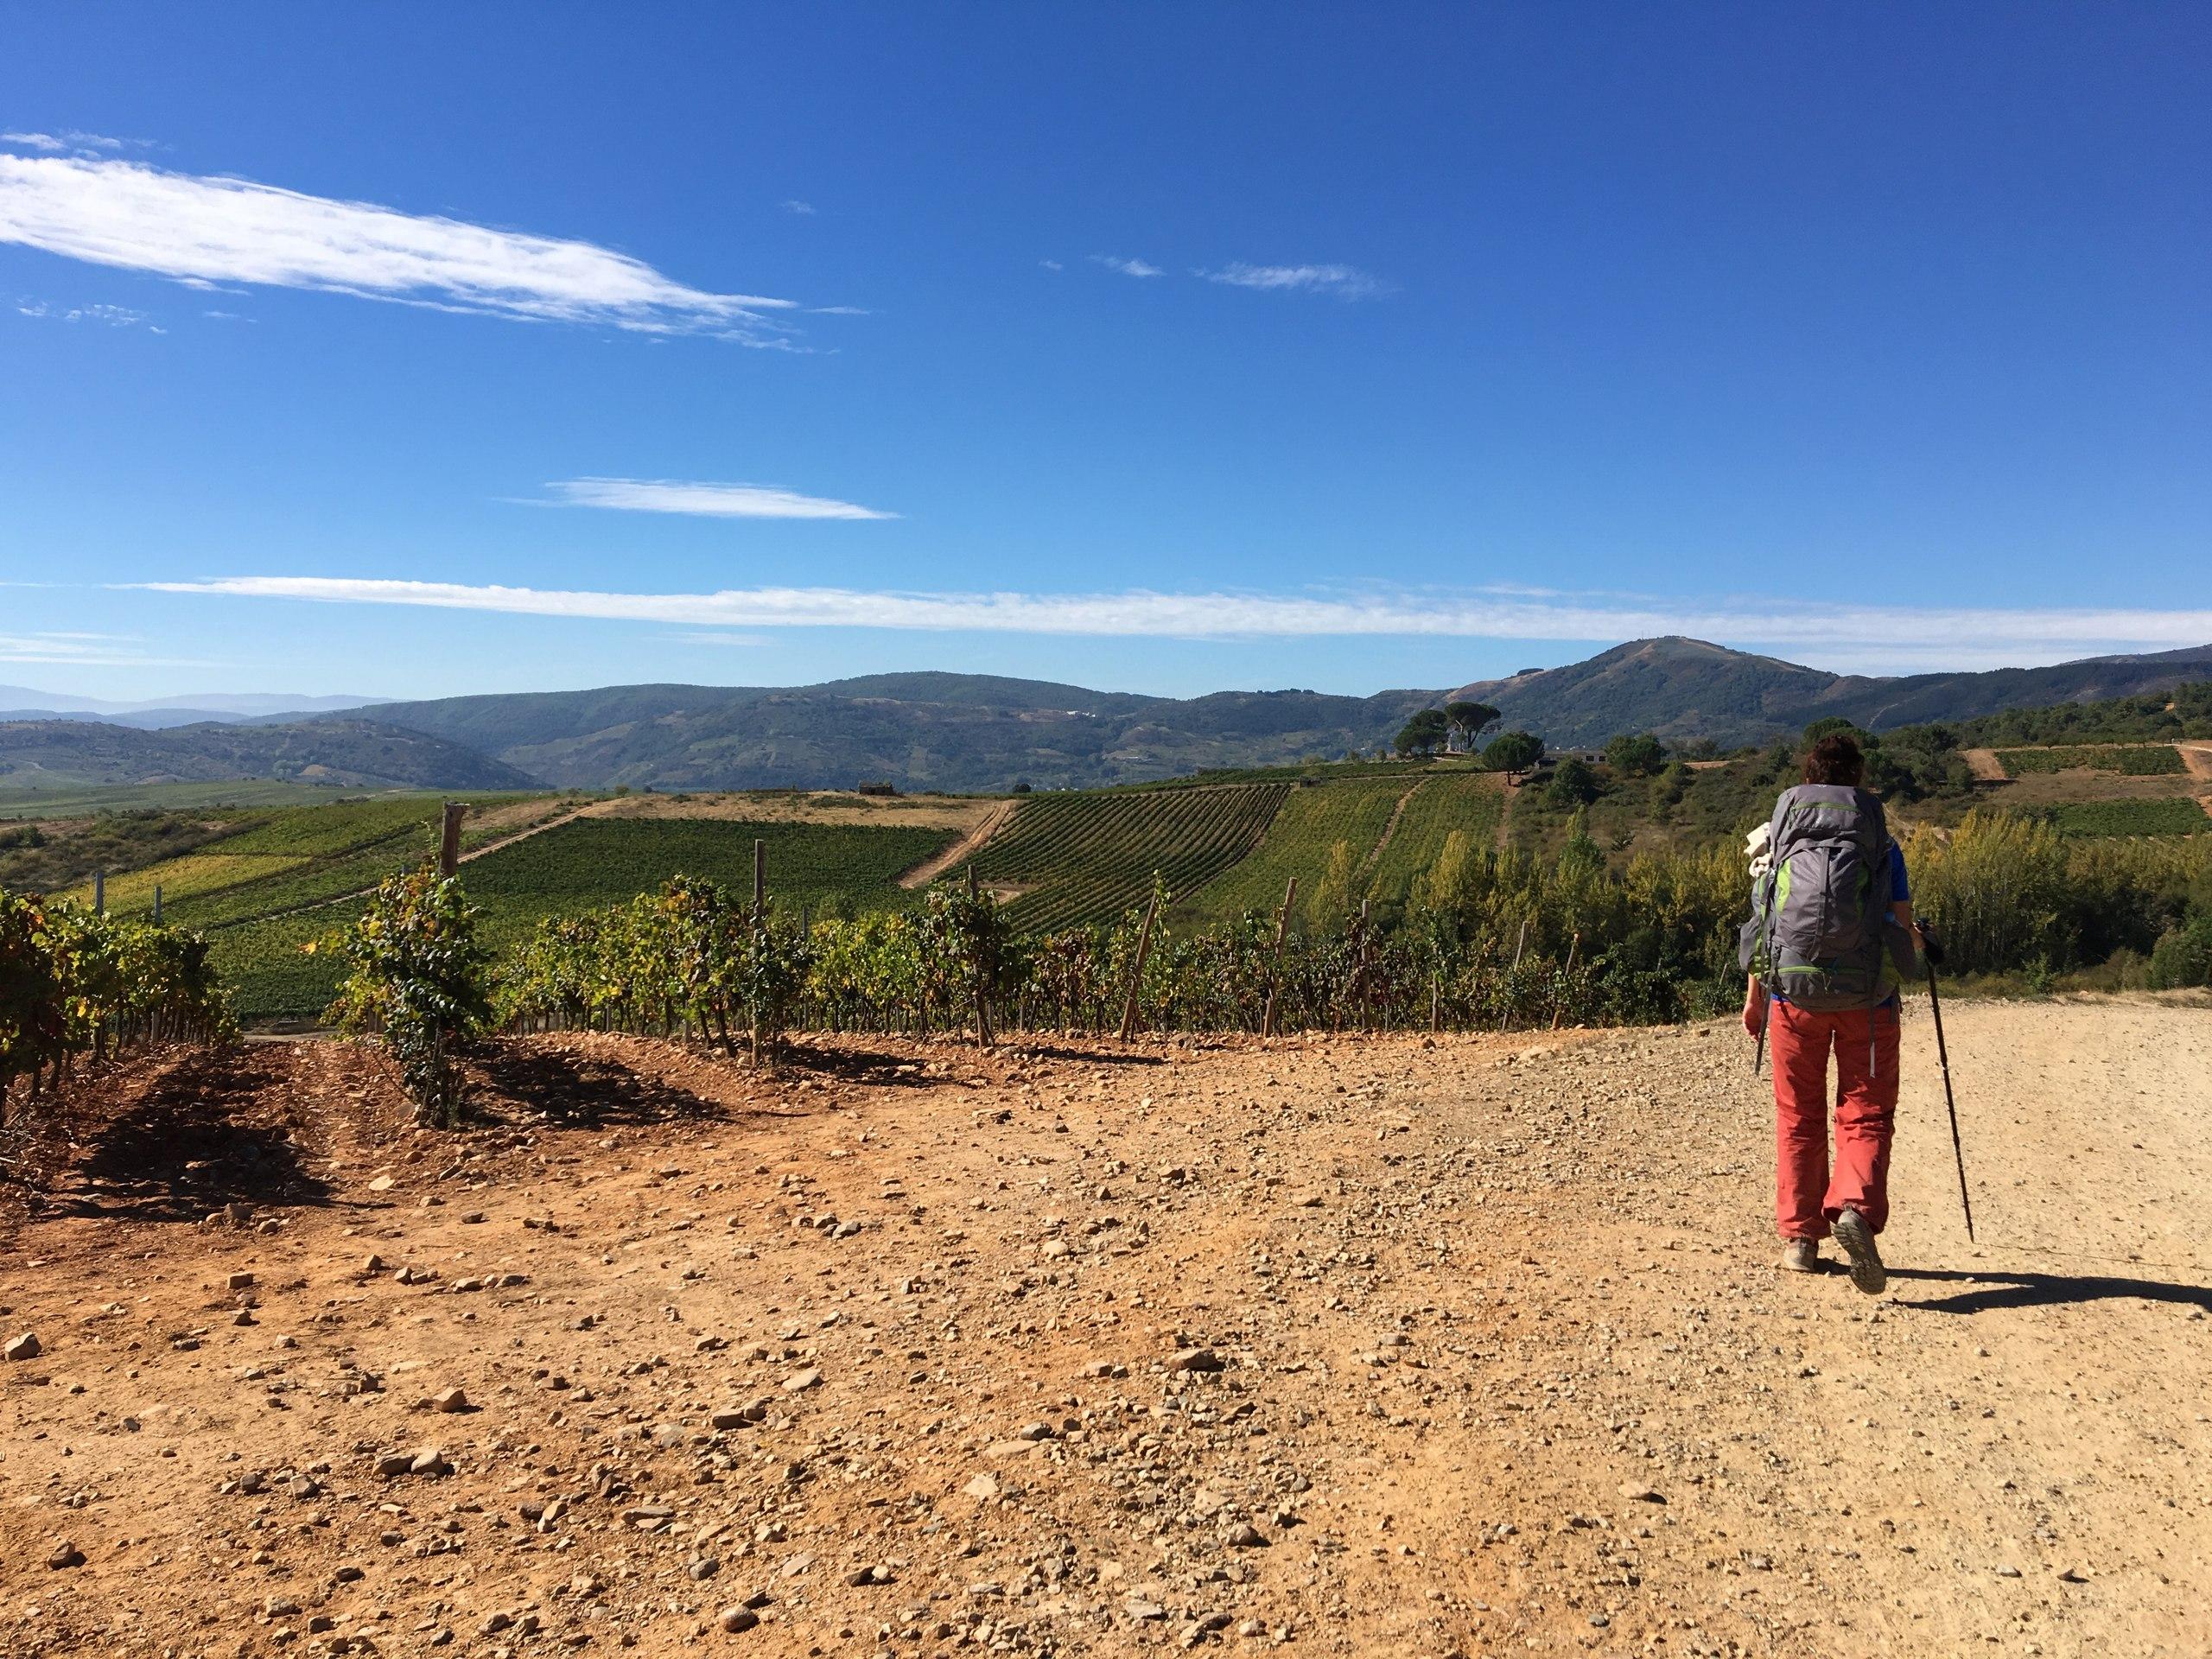 по пути в Вильяфранка-дель-Бьерсо